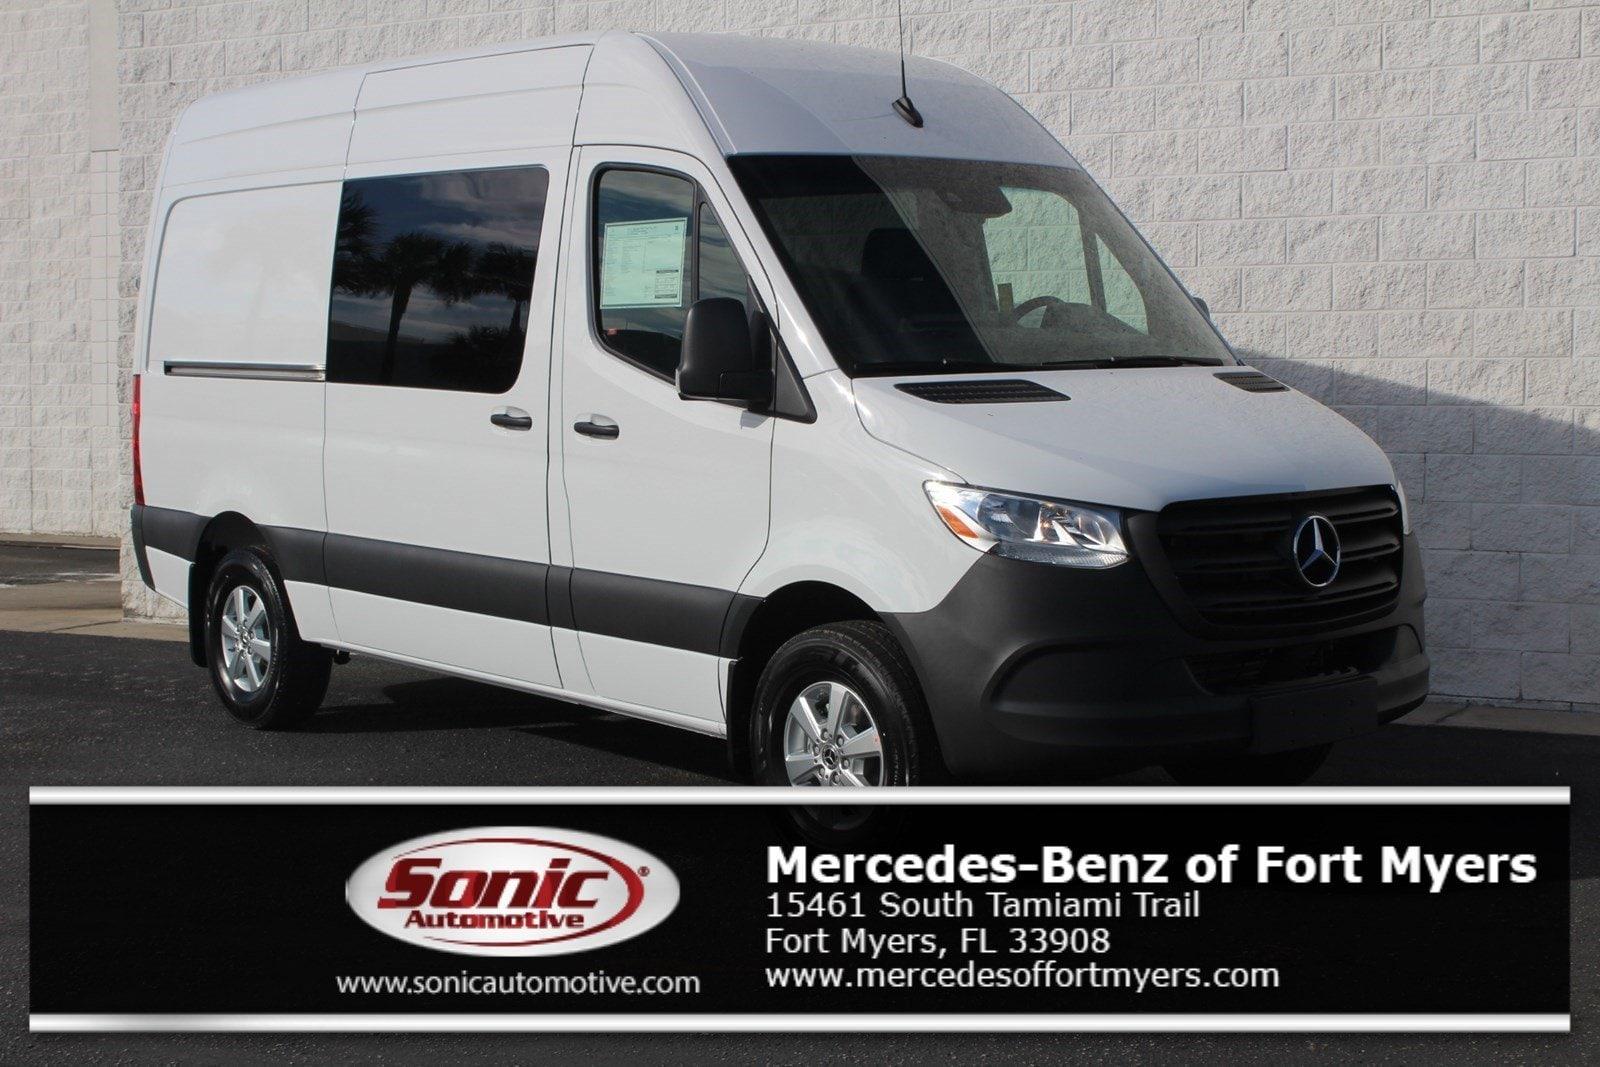 2019 Mercedes-Benz Sprinter 2500 Van Cargo Van